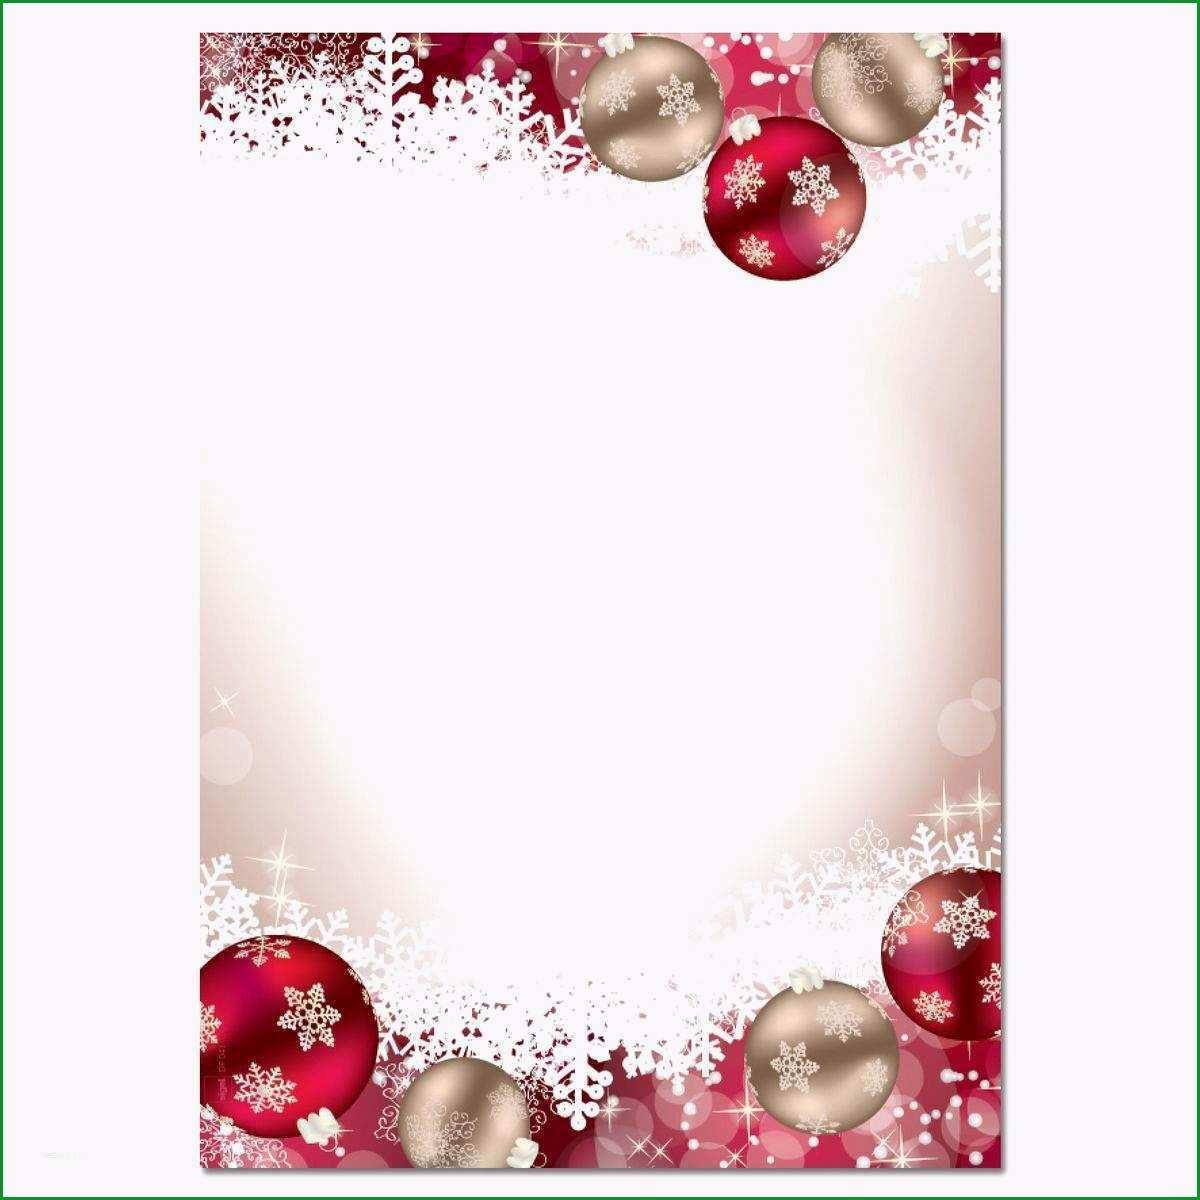 vorlage speisekarte weihnachten genial sigel weihnachtspapier disney frozen a4 100 blatt